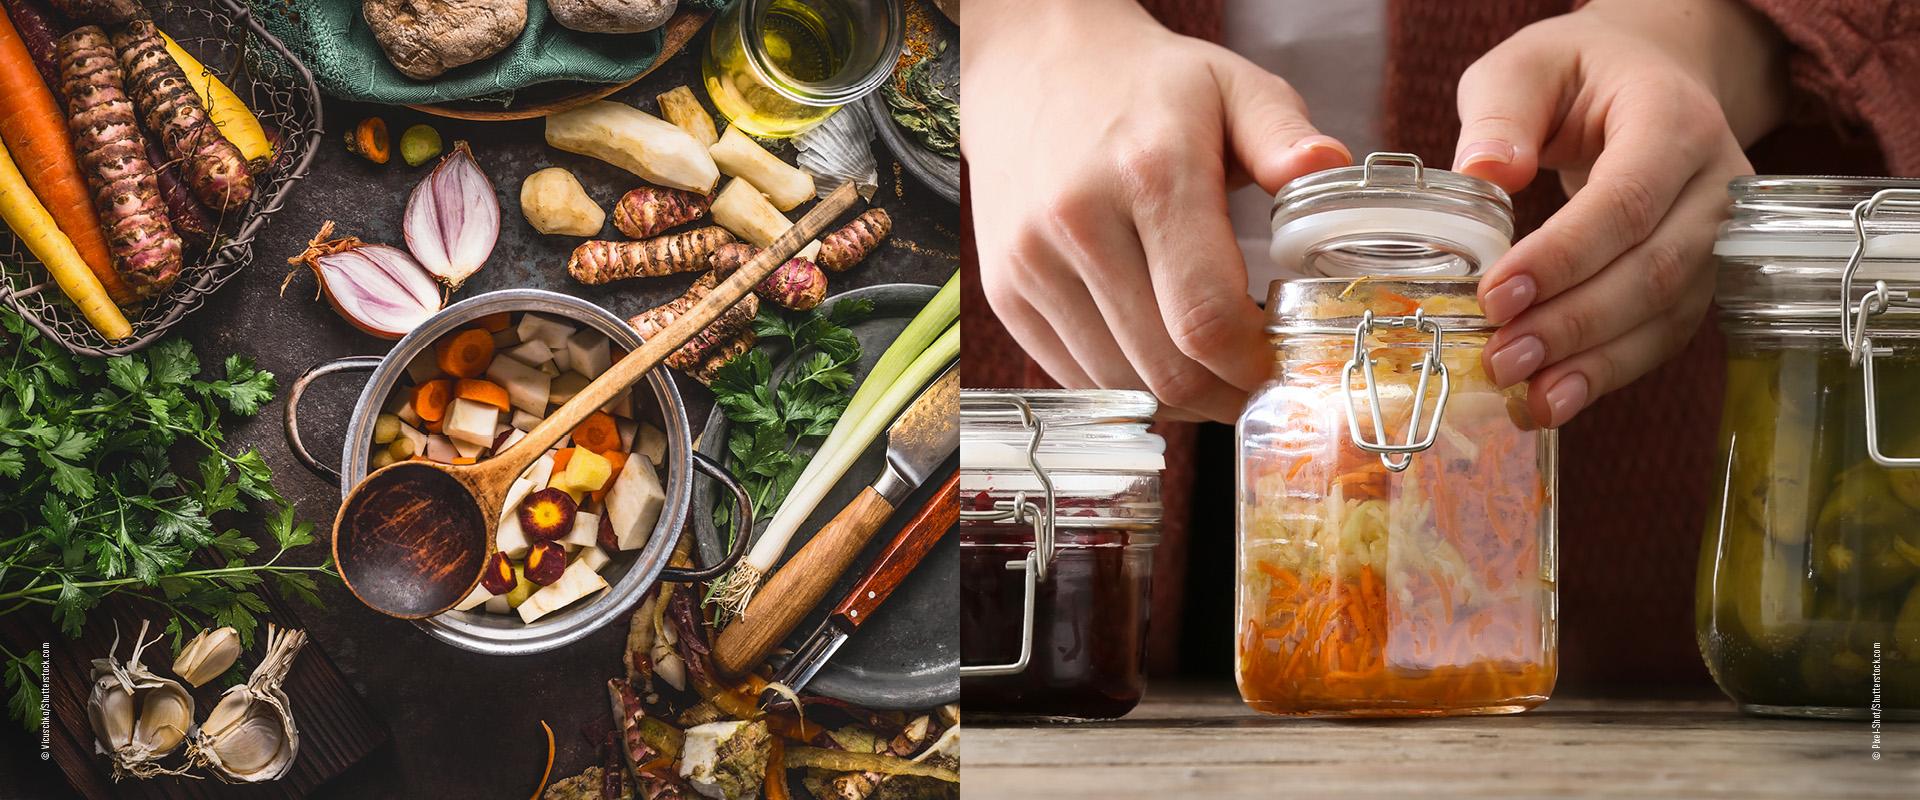 Knollen Gemüse kochen und fermentieren